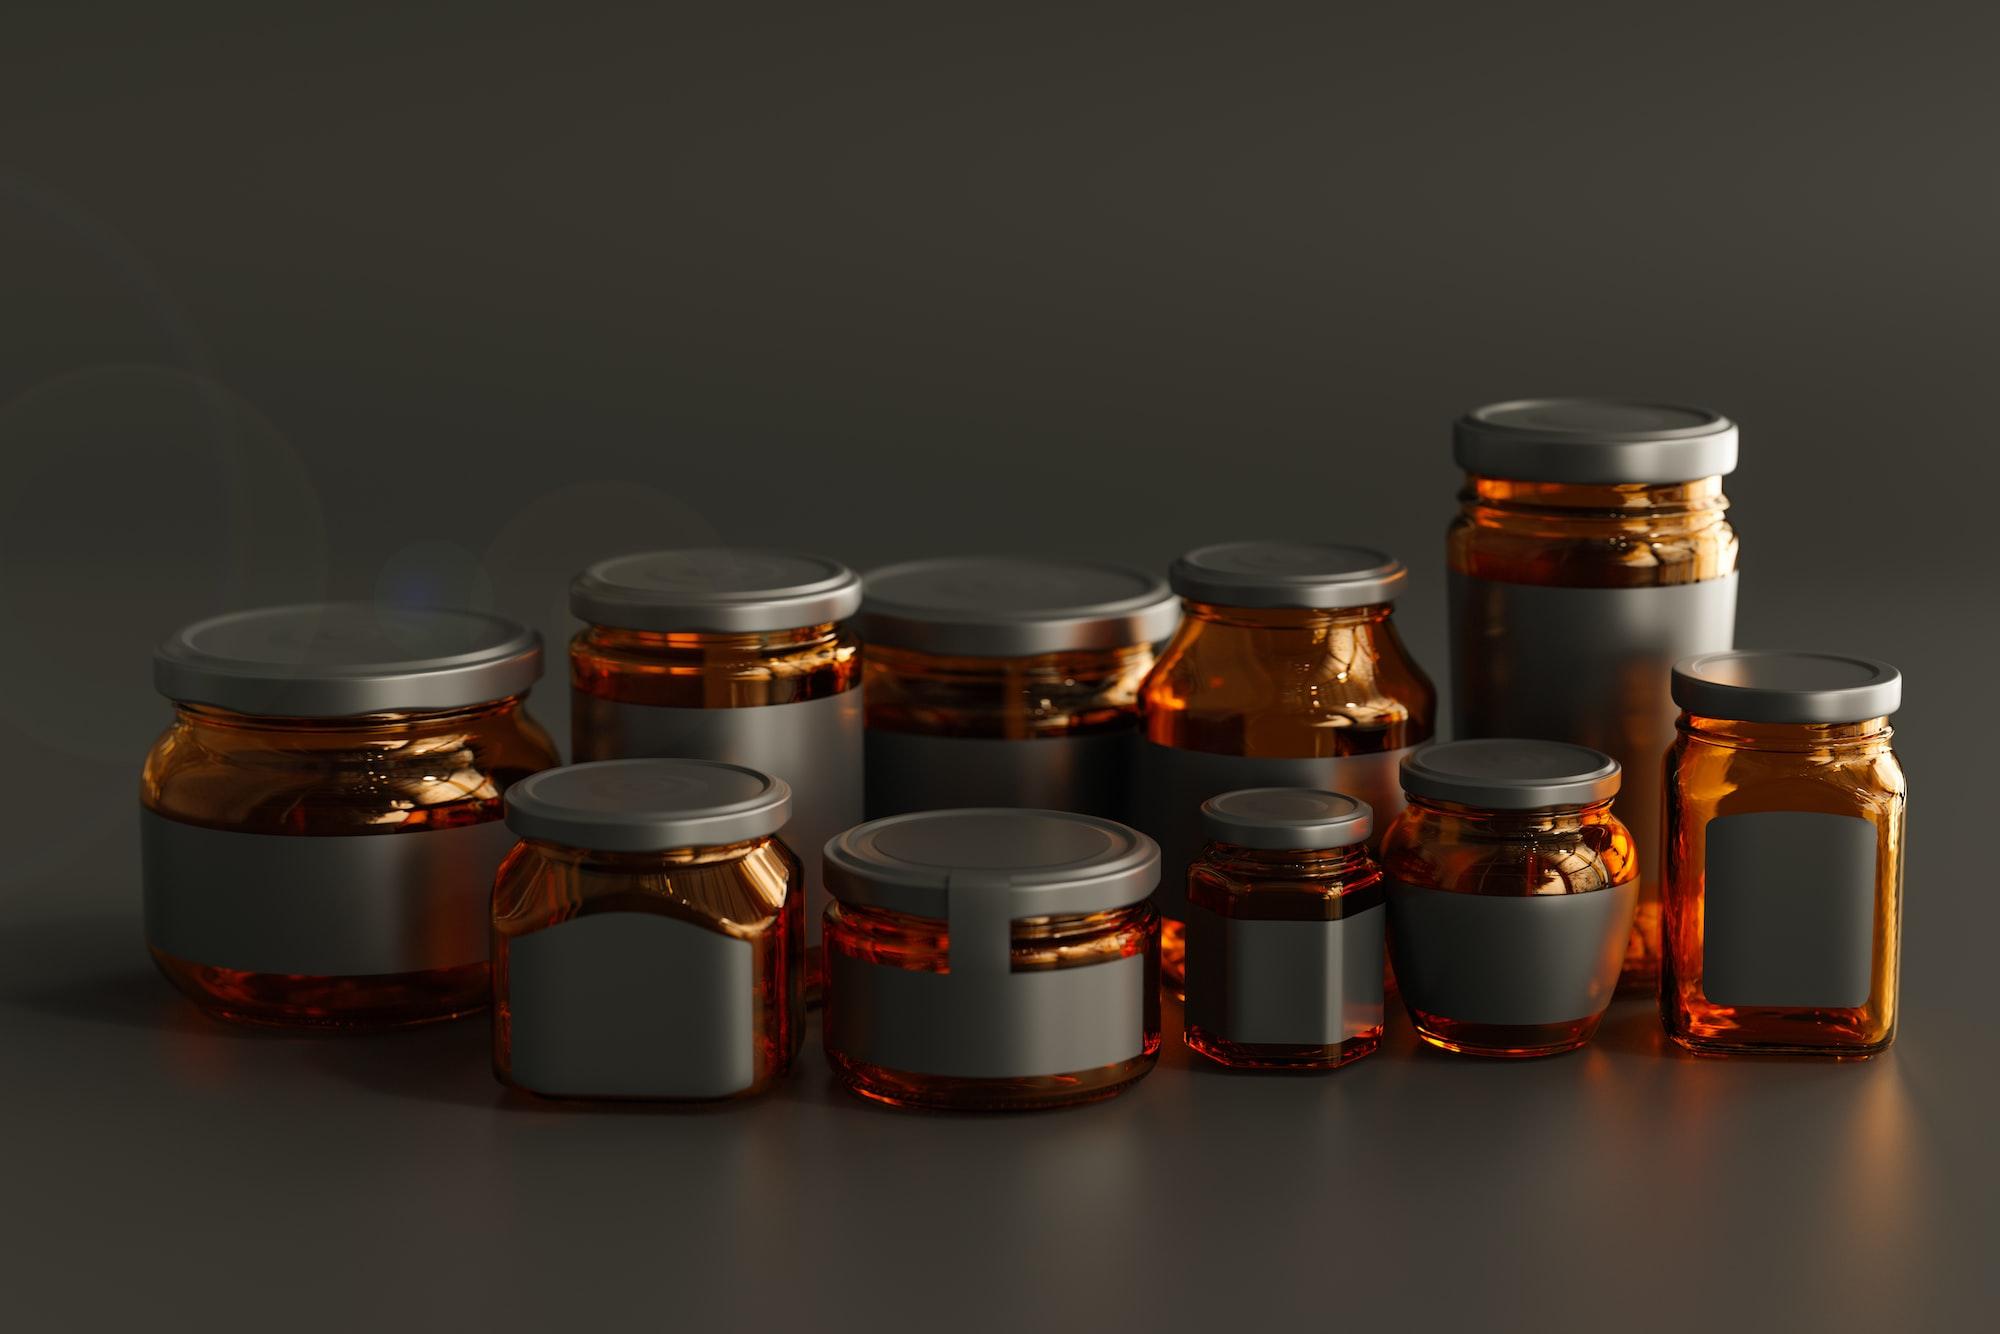 Matrimonio tema dolce: bomboniere miele, marmellata o tutti e due?